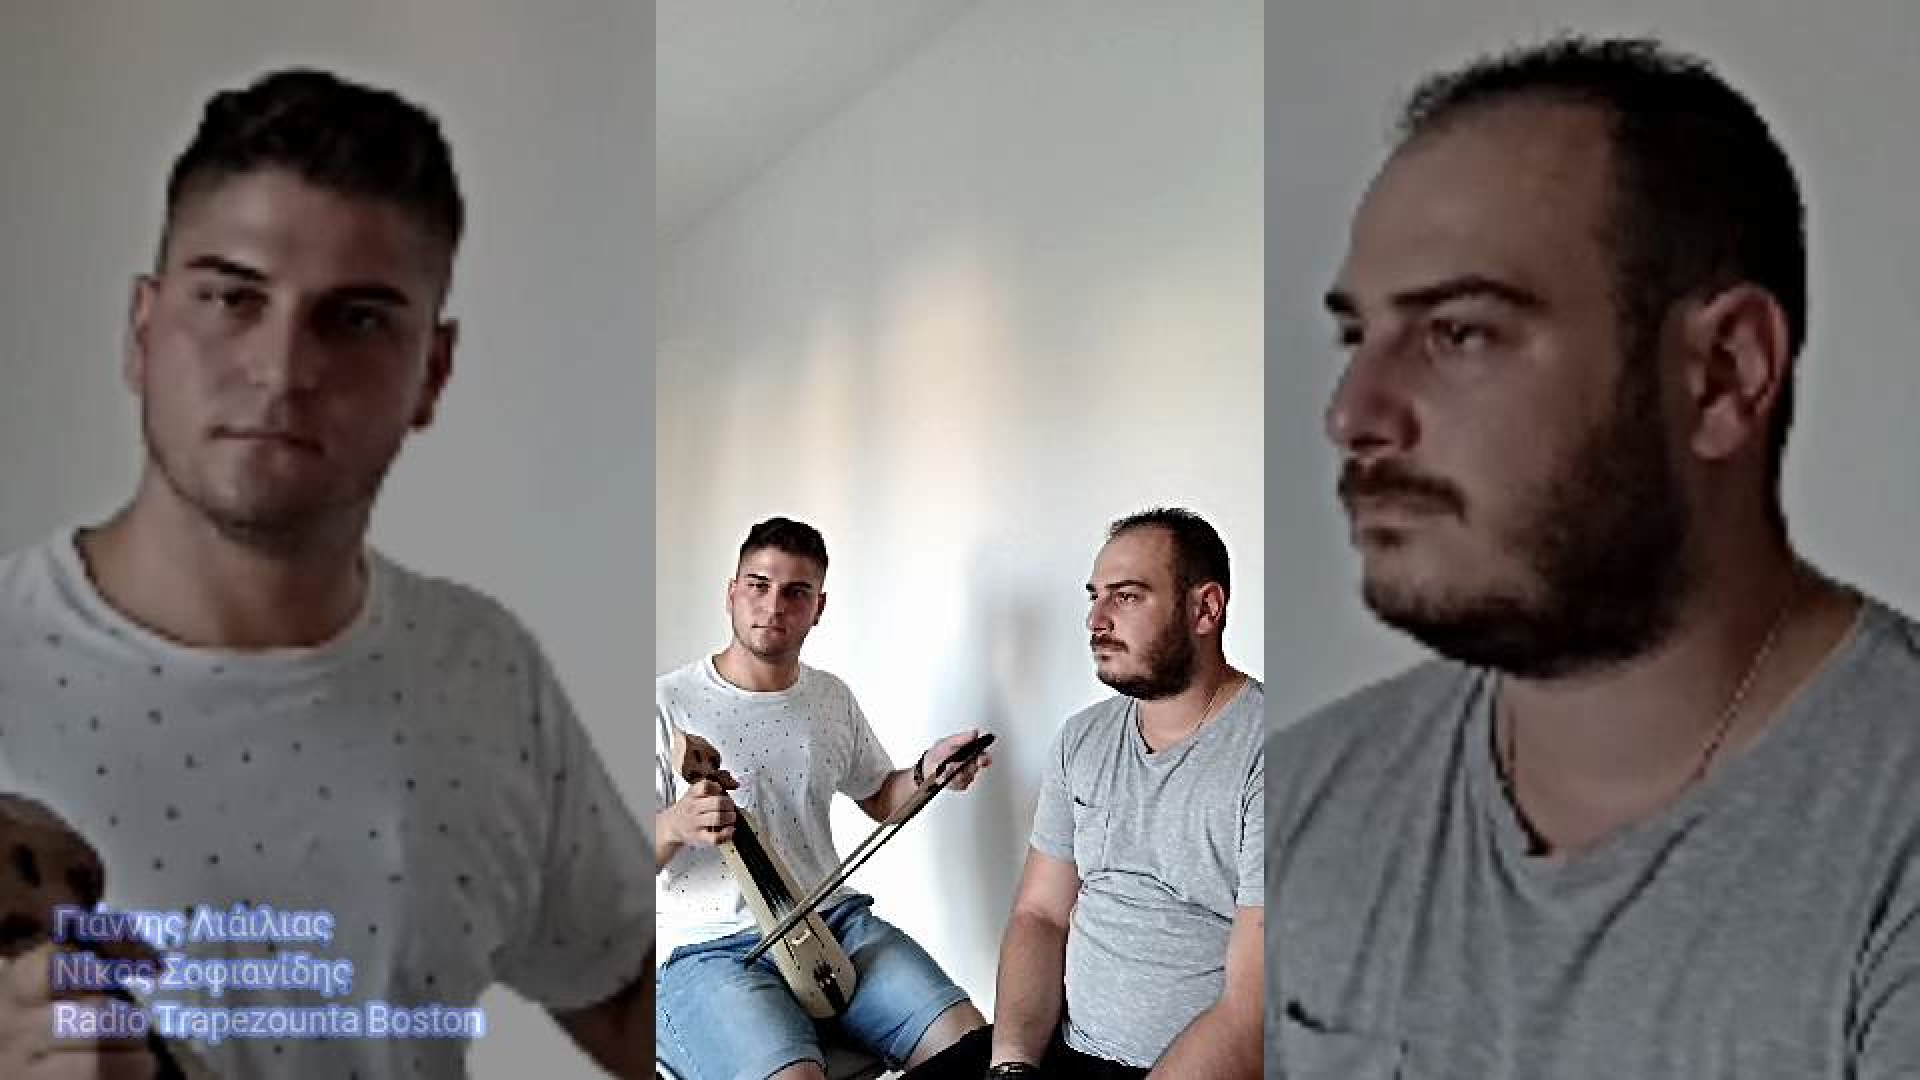 Γιάννης Λιάιλιας - Νίκος Σοφιανίδης || Giannis Liailias - Nikos Sofianidis